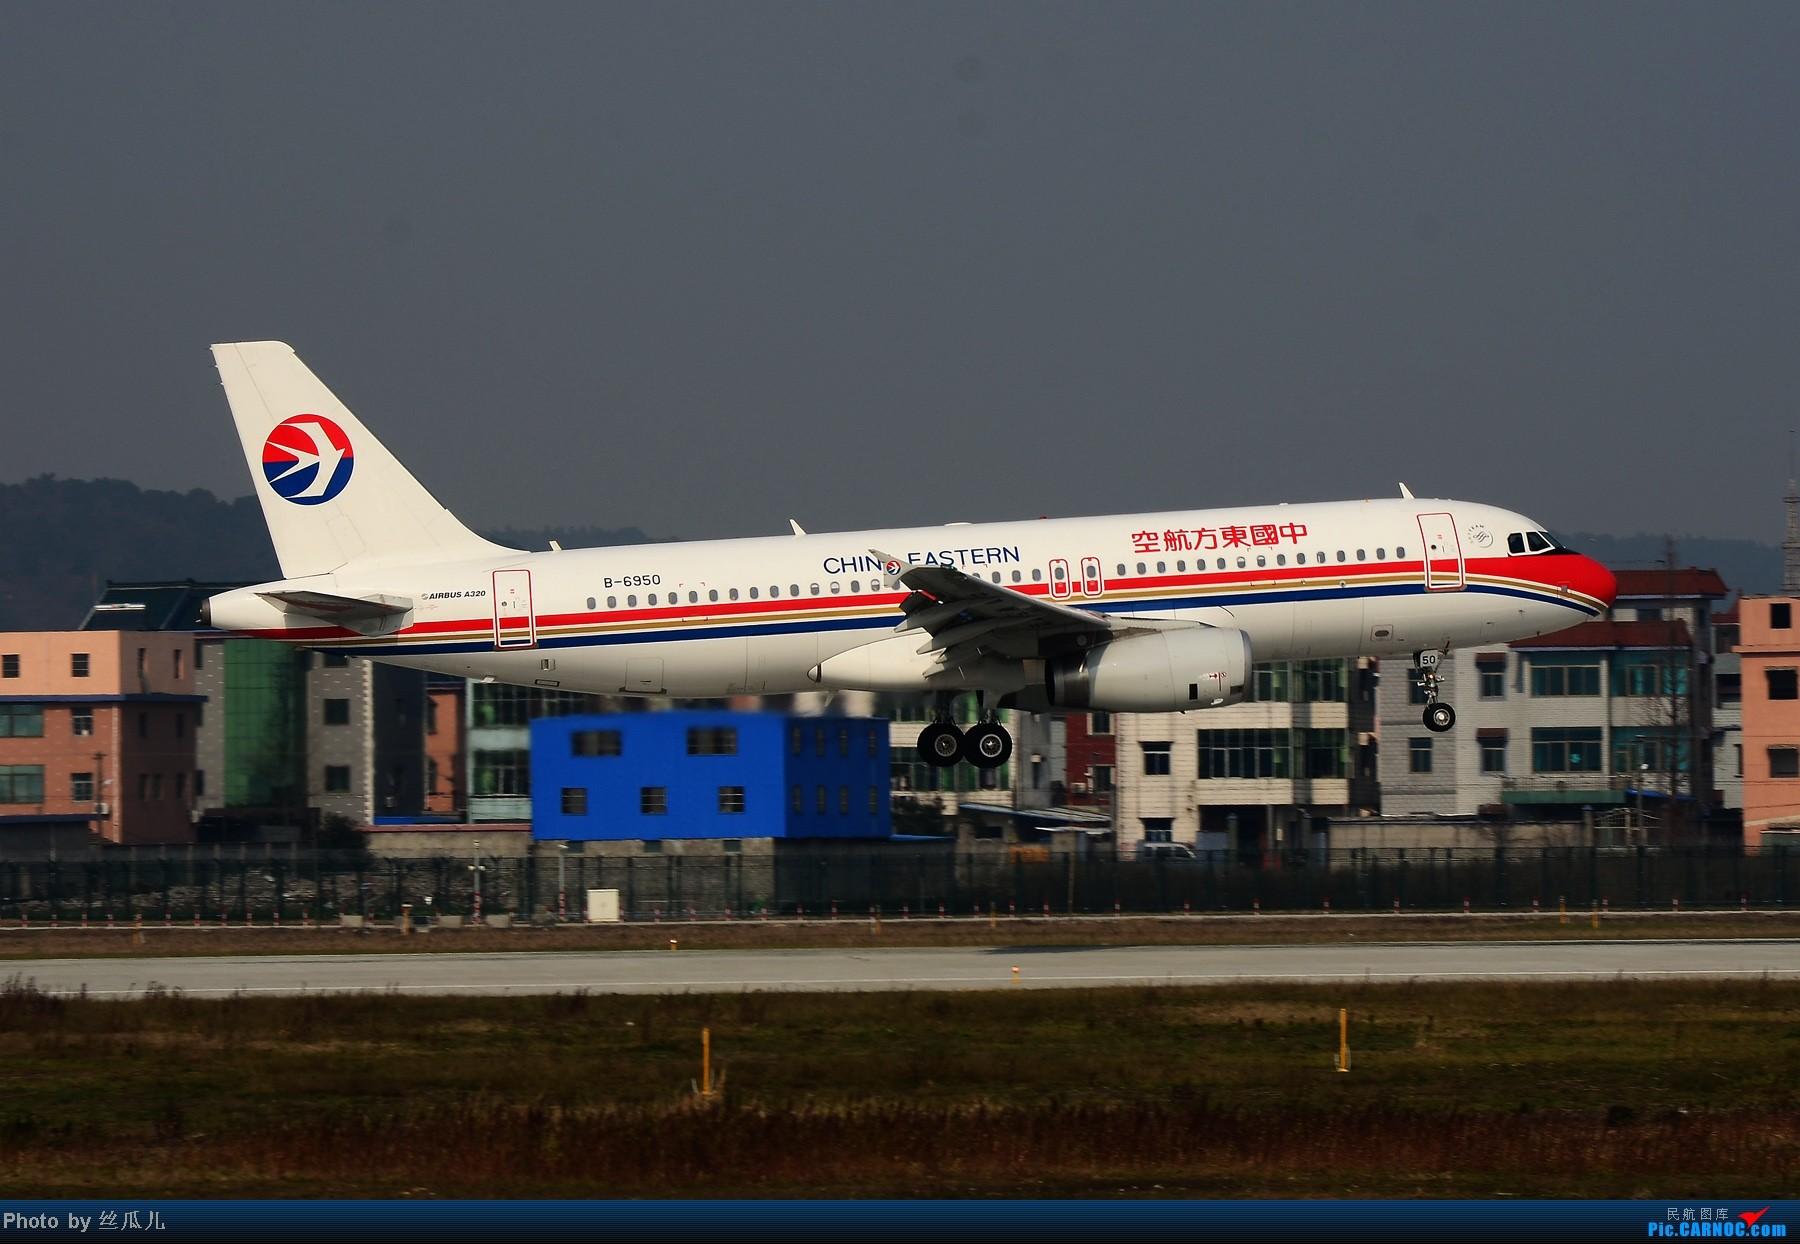 Re:[原创]【HGH二跑】话说如今的二跑有了制高点--趁今天雾霾好转一点赶紧去练练甩腰--今日中午二跑拍机一小时全记录 AIRBUS A320-200 B-6950 中国杭州萧山机场